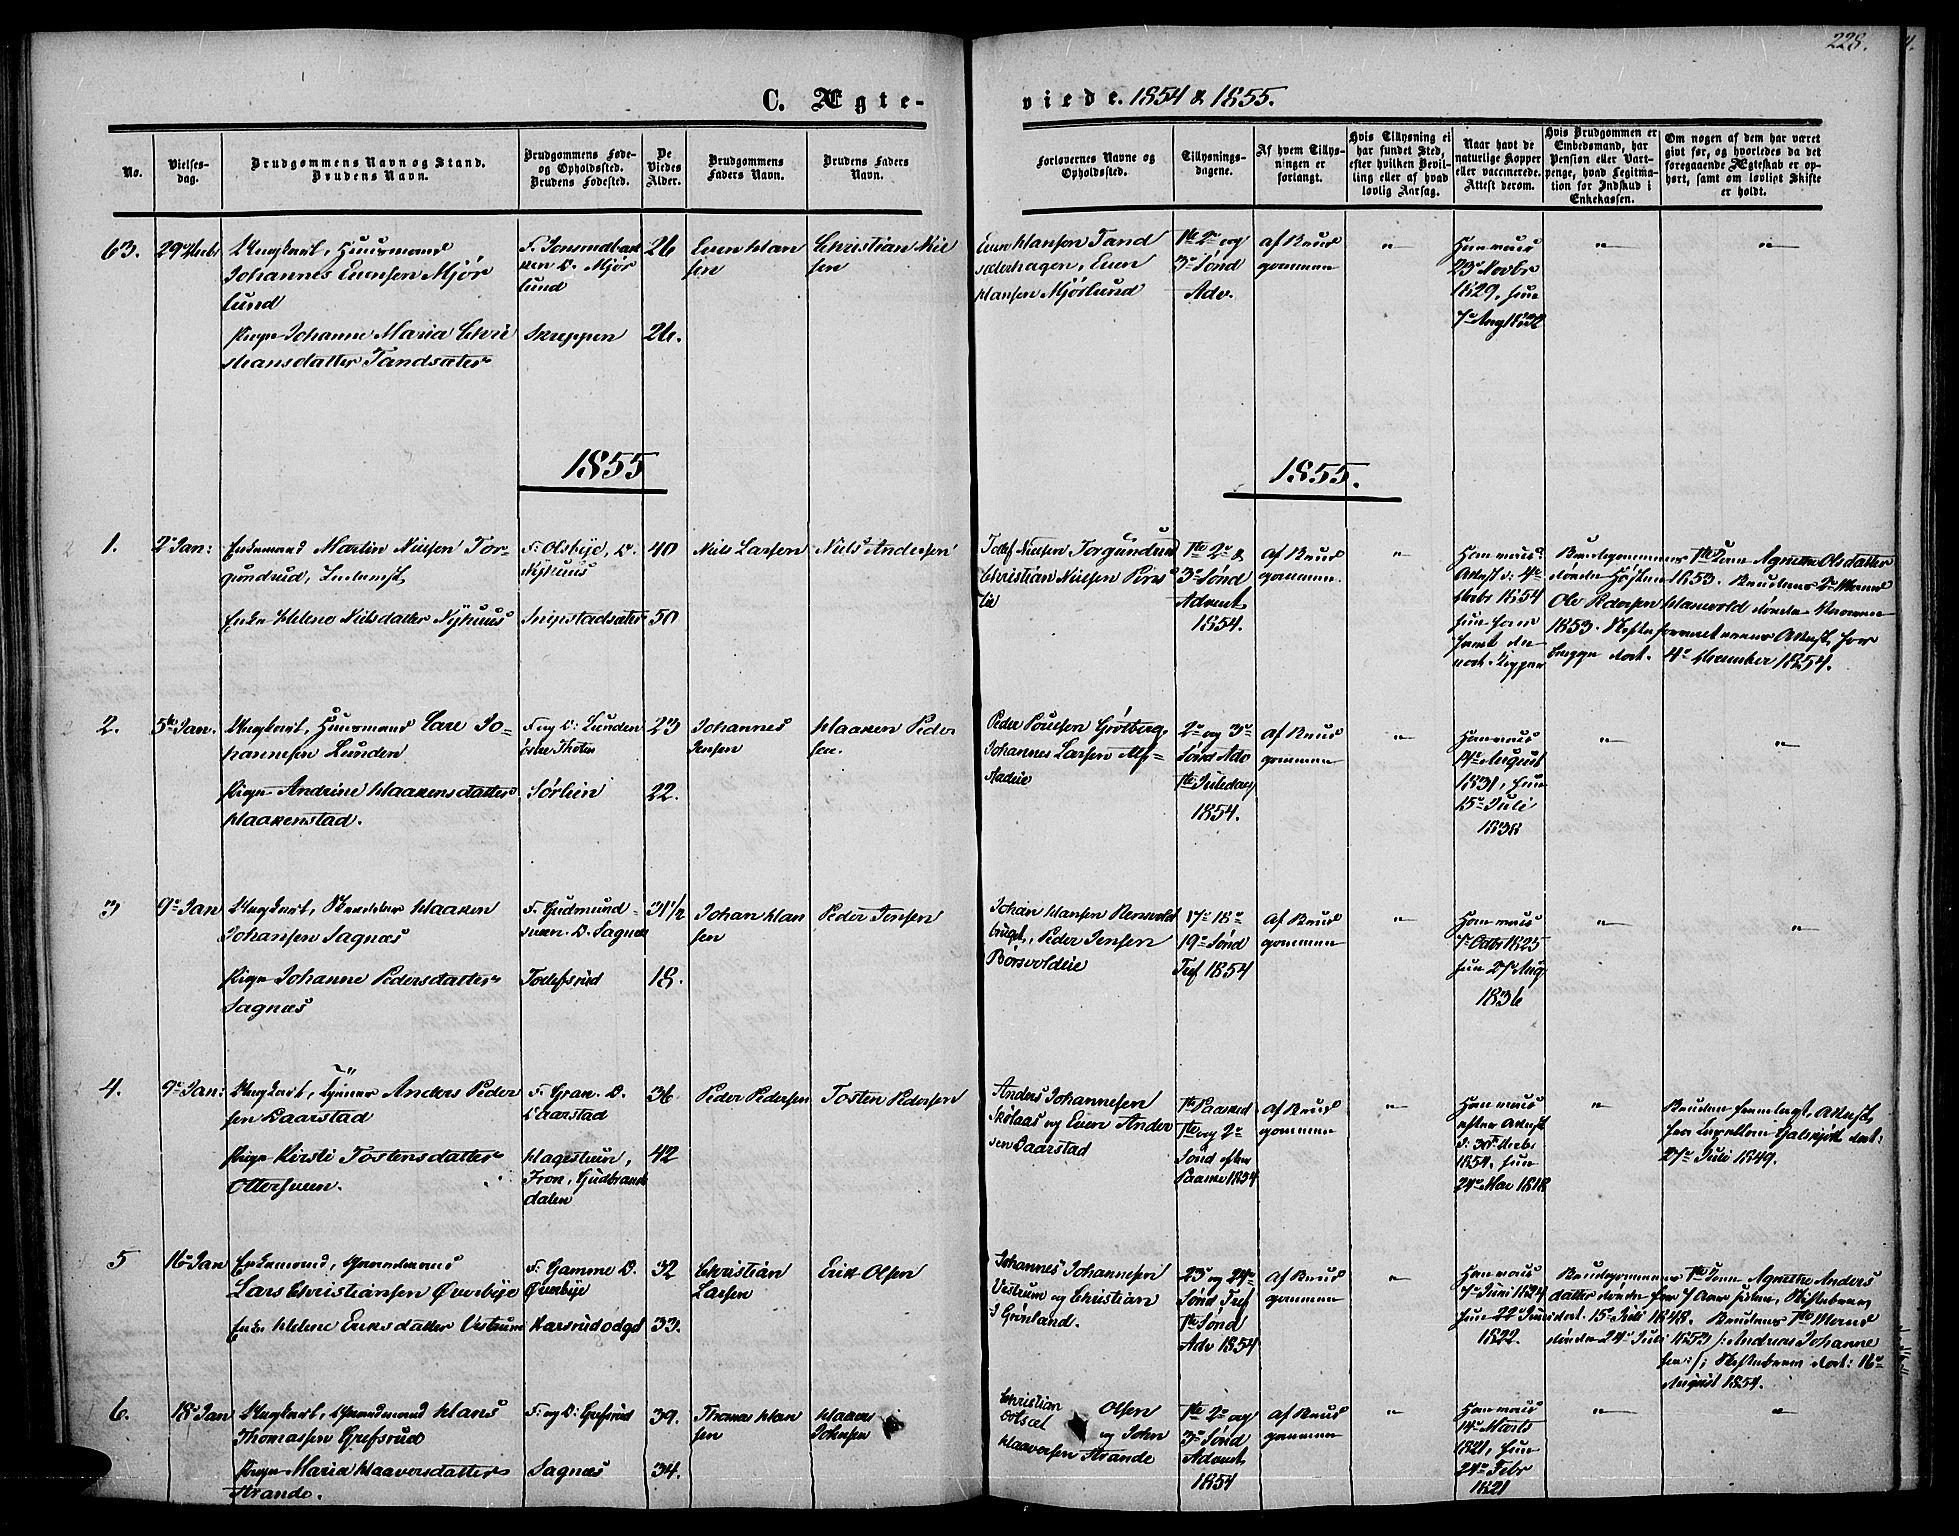 SAH, Vestre Toten prestekontor, Ministerialbok nr. 5, 1850-1855, s. 228